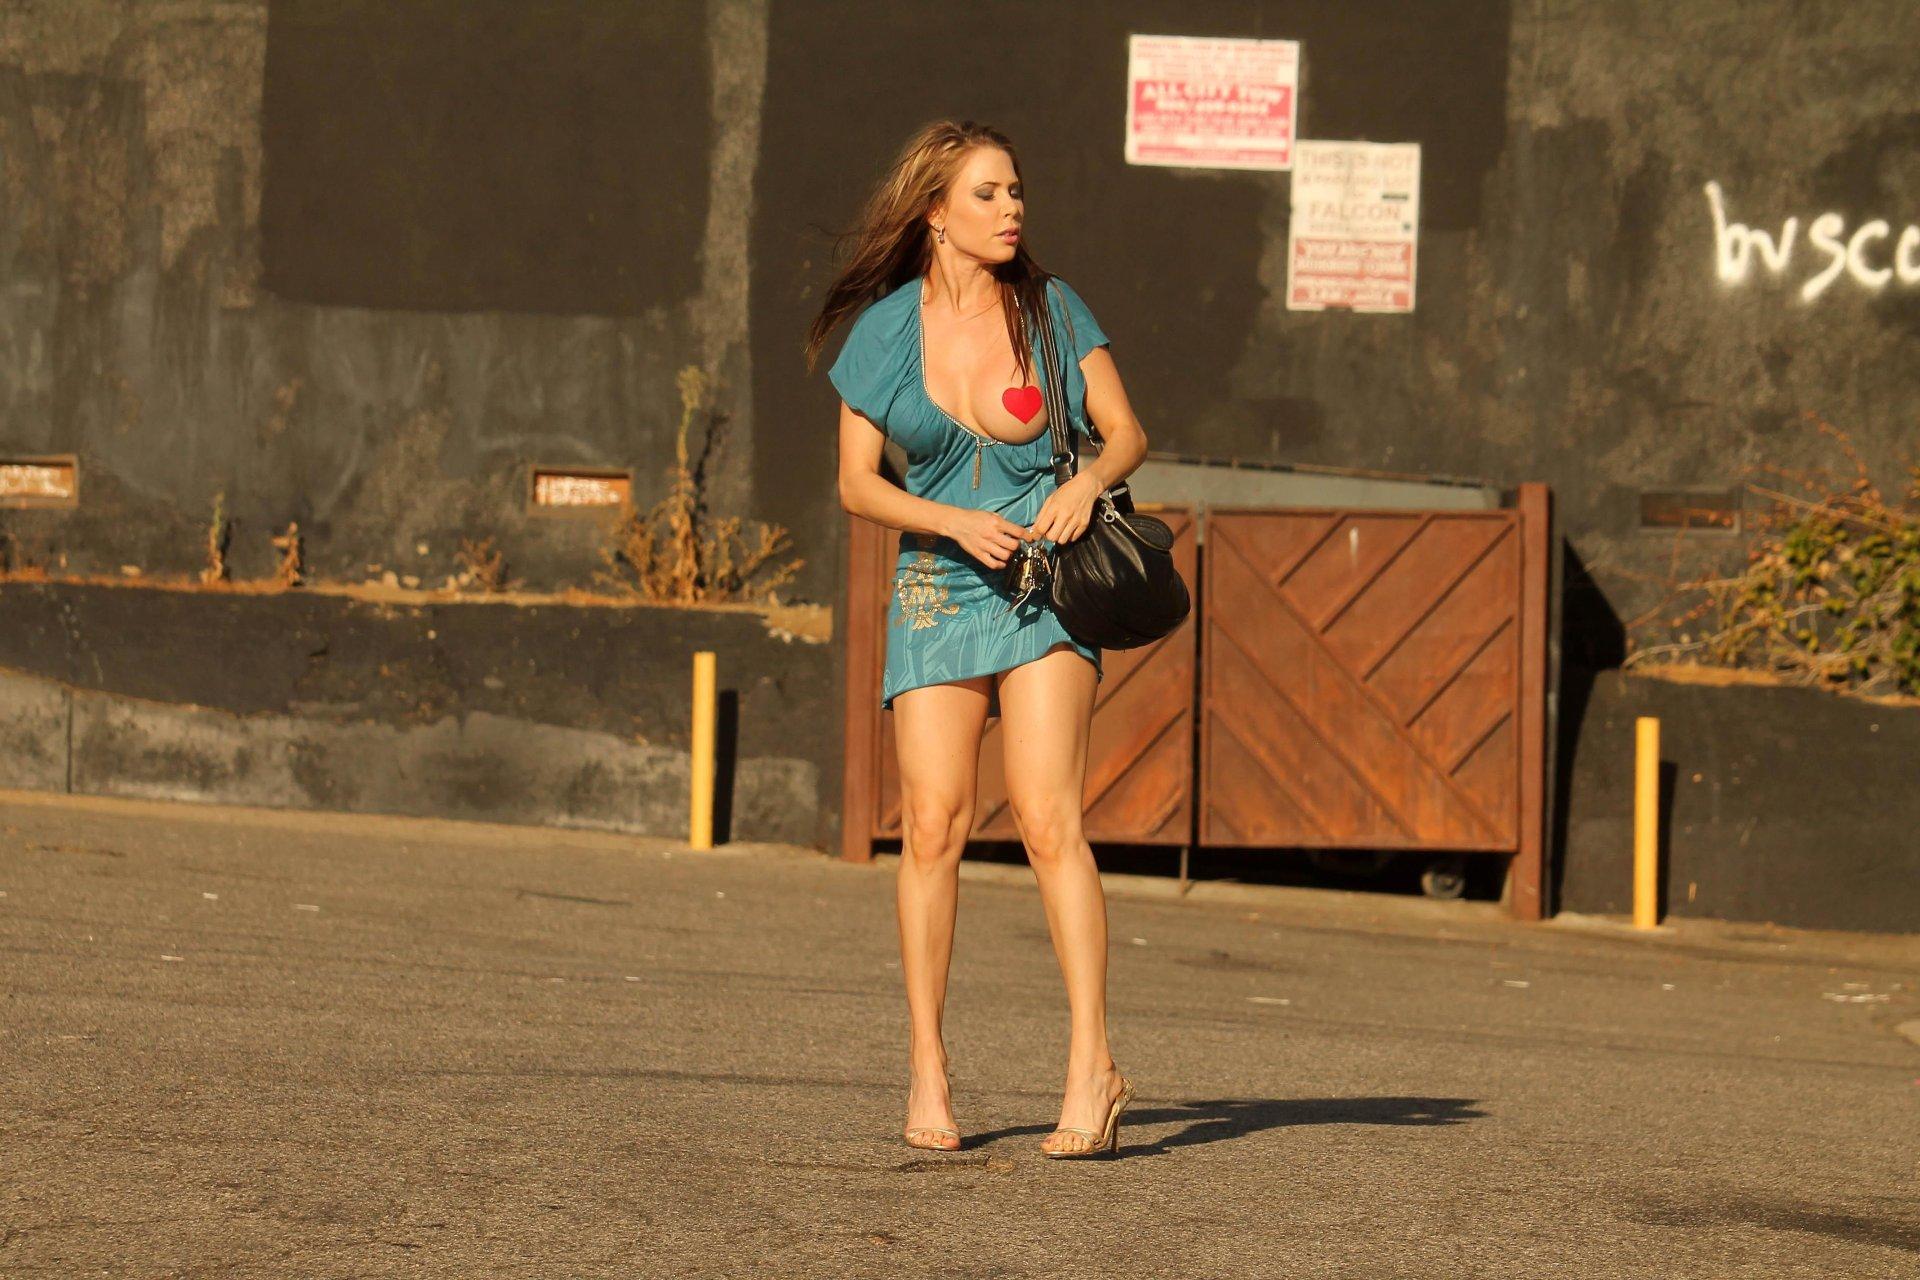 Erika jordan upskirt boob flash naked (65 photo), Hot Celebrites fotos